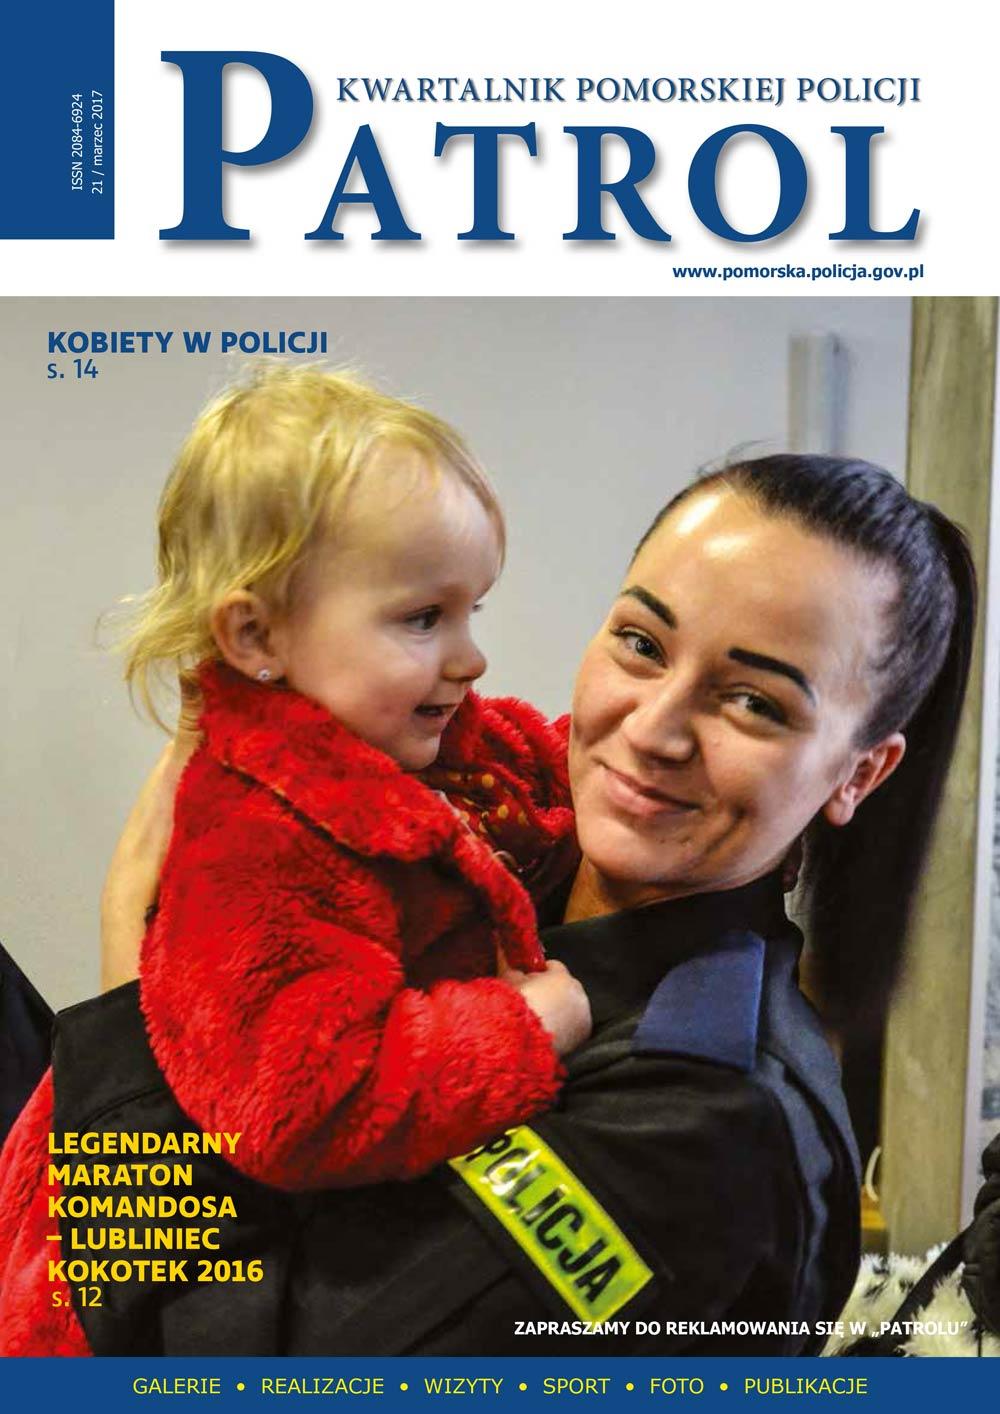 [2017, 01] PATROL. KWARTALNIK POMORSKIEJ POLICJI. - 2016, [nr] 21 / marzec, www.pomorska.policja.gov.pl